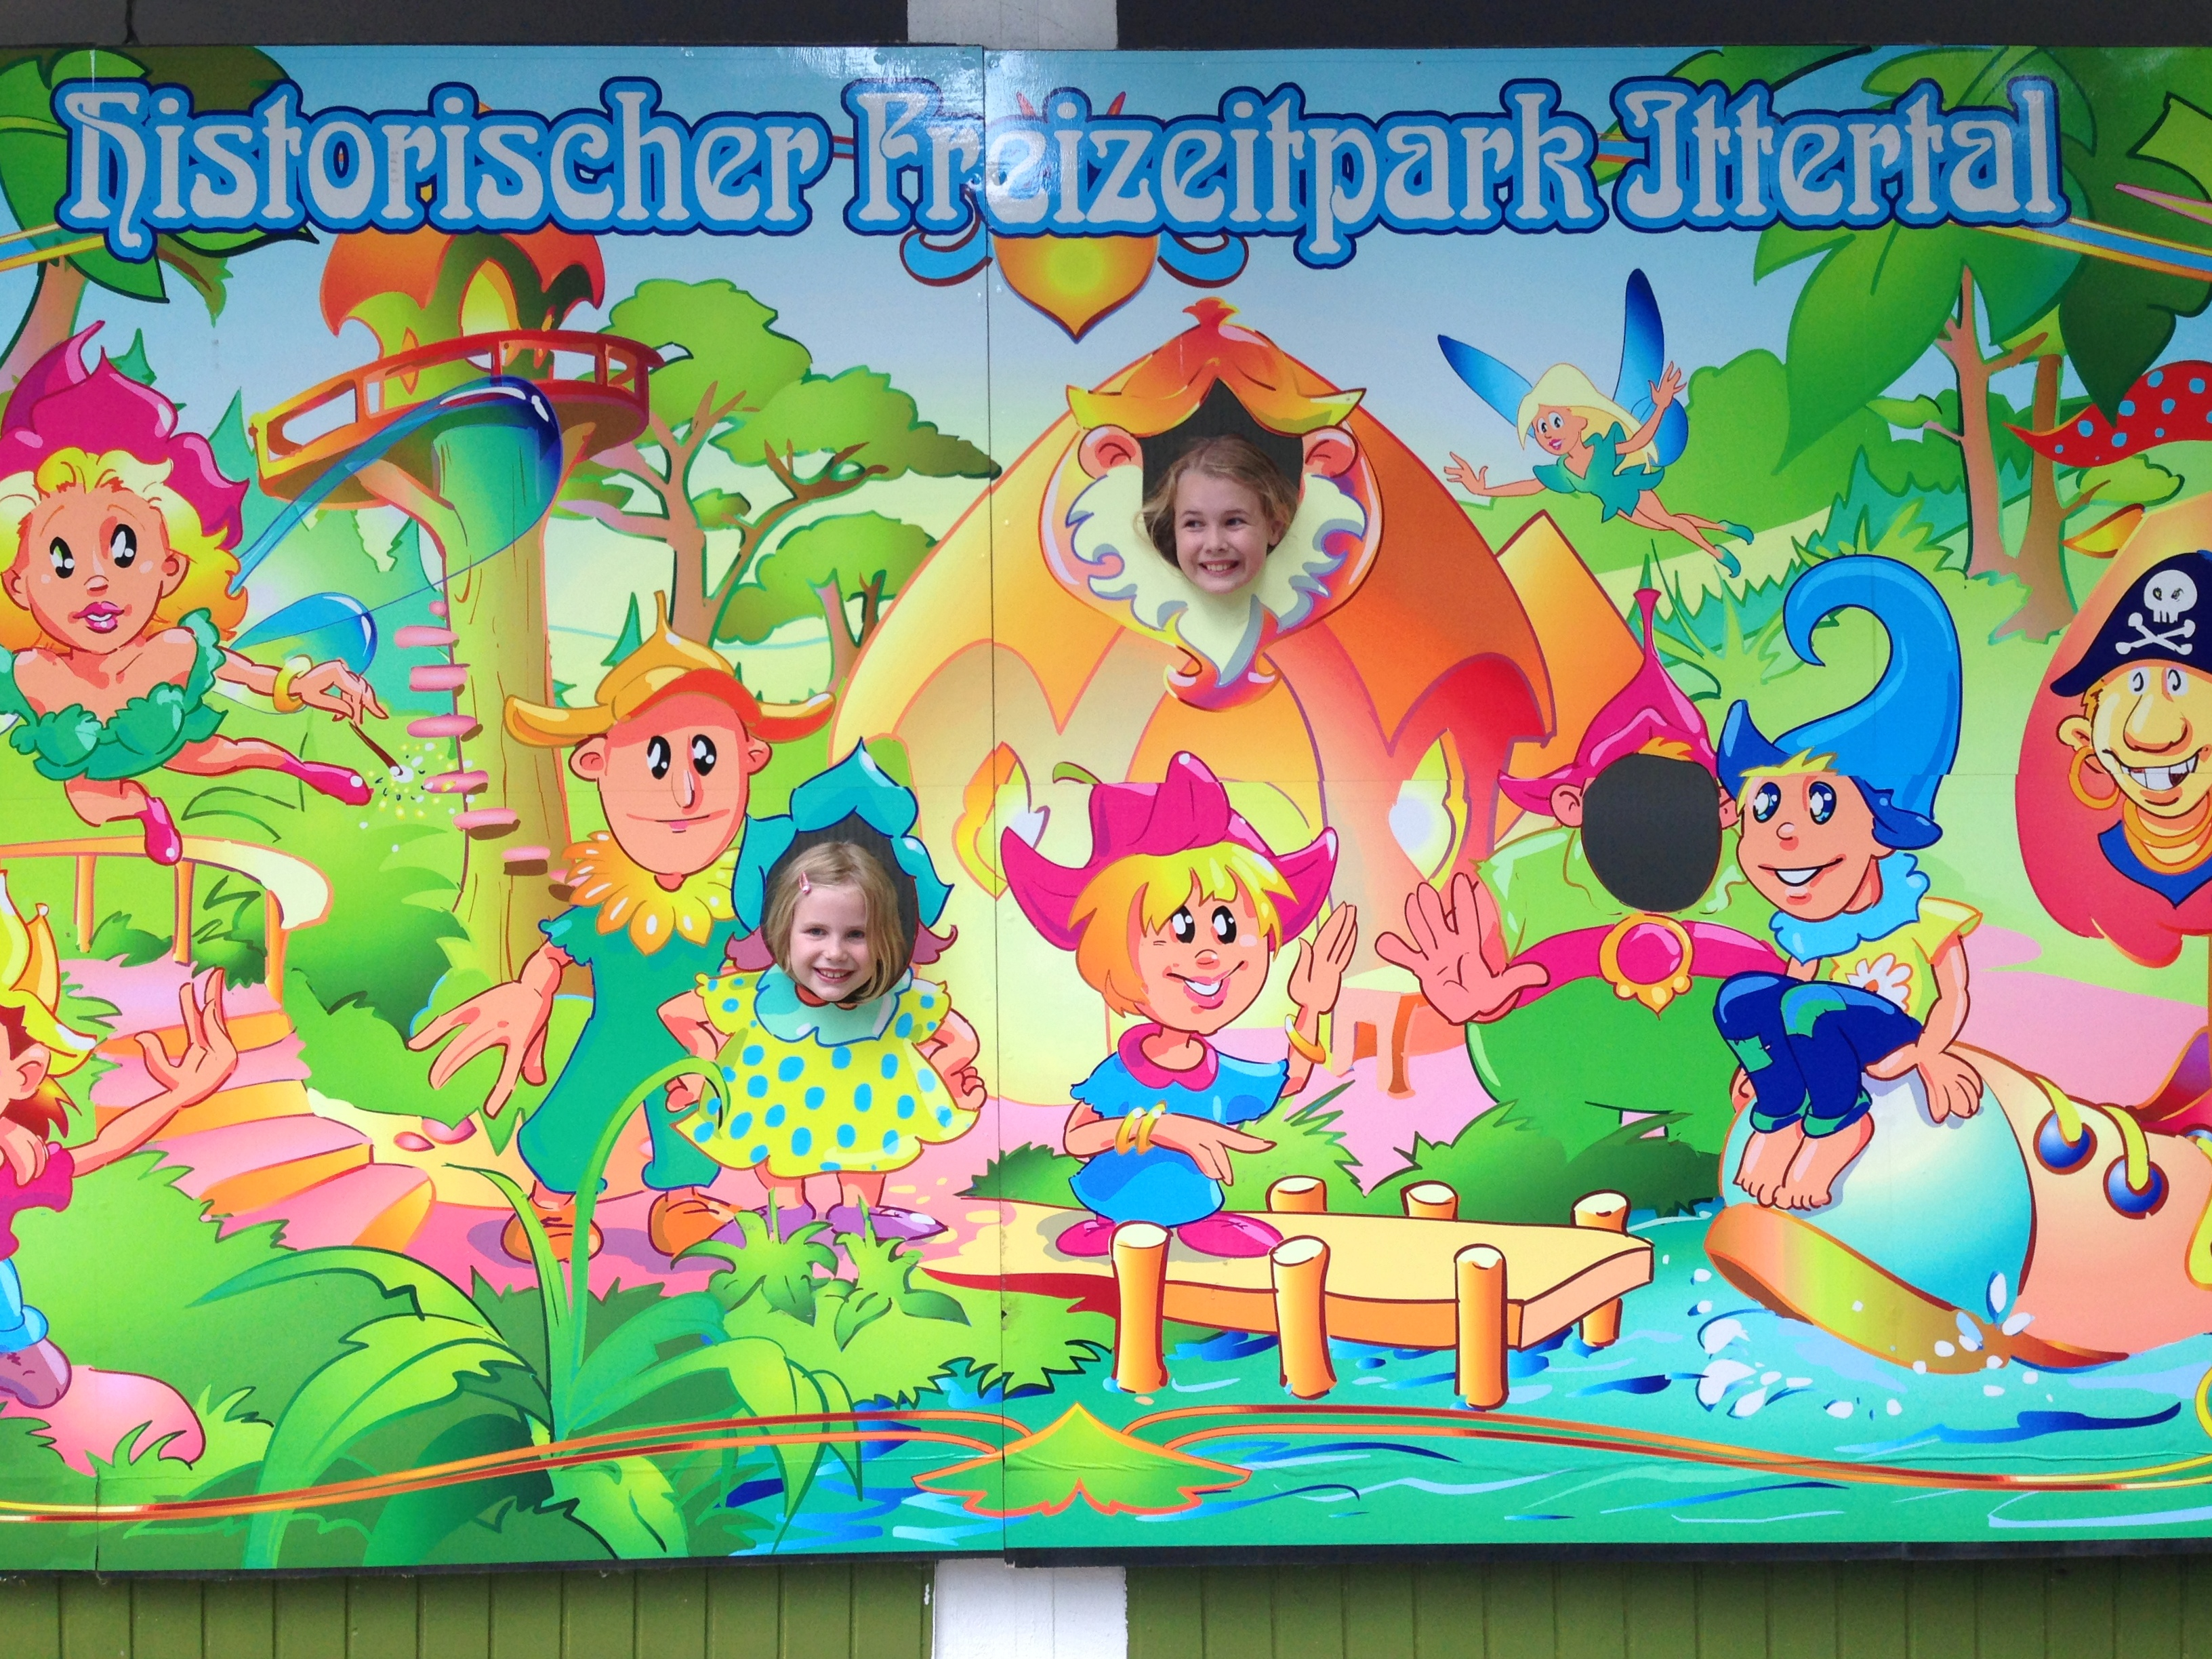 historischer Freizeitpark Ittertal